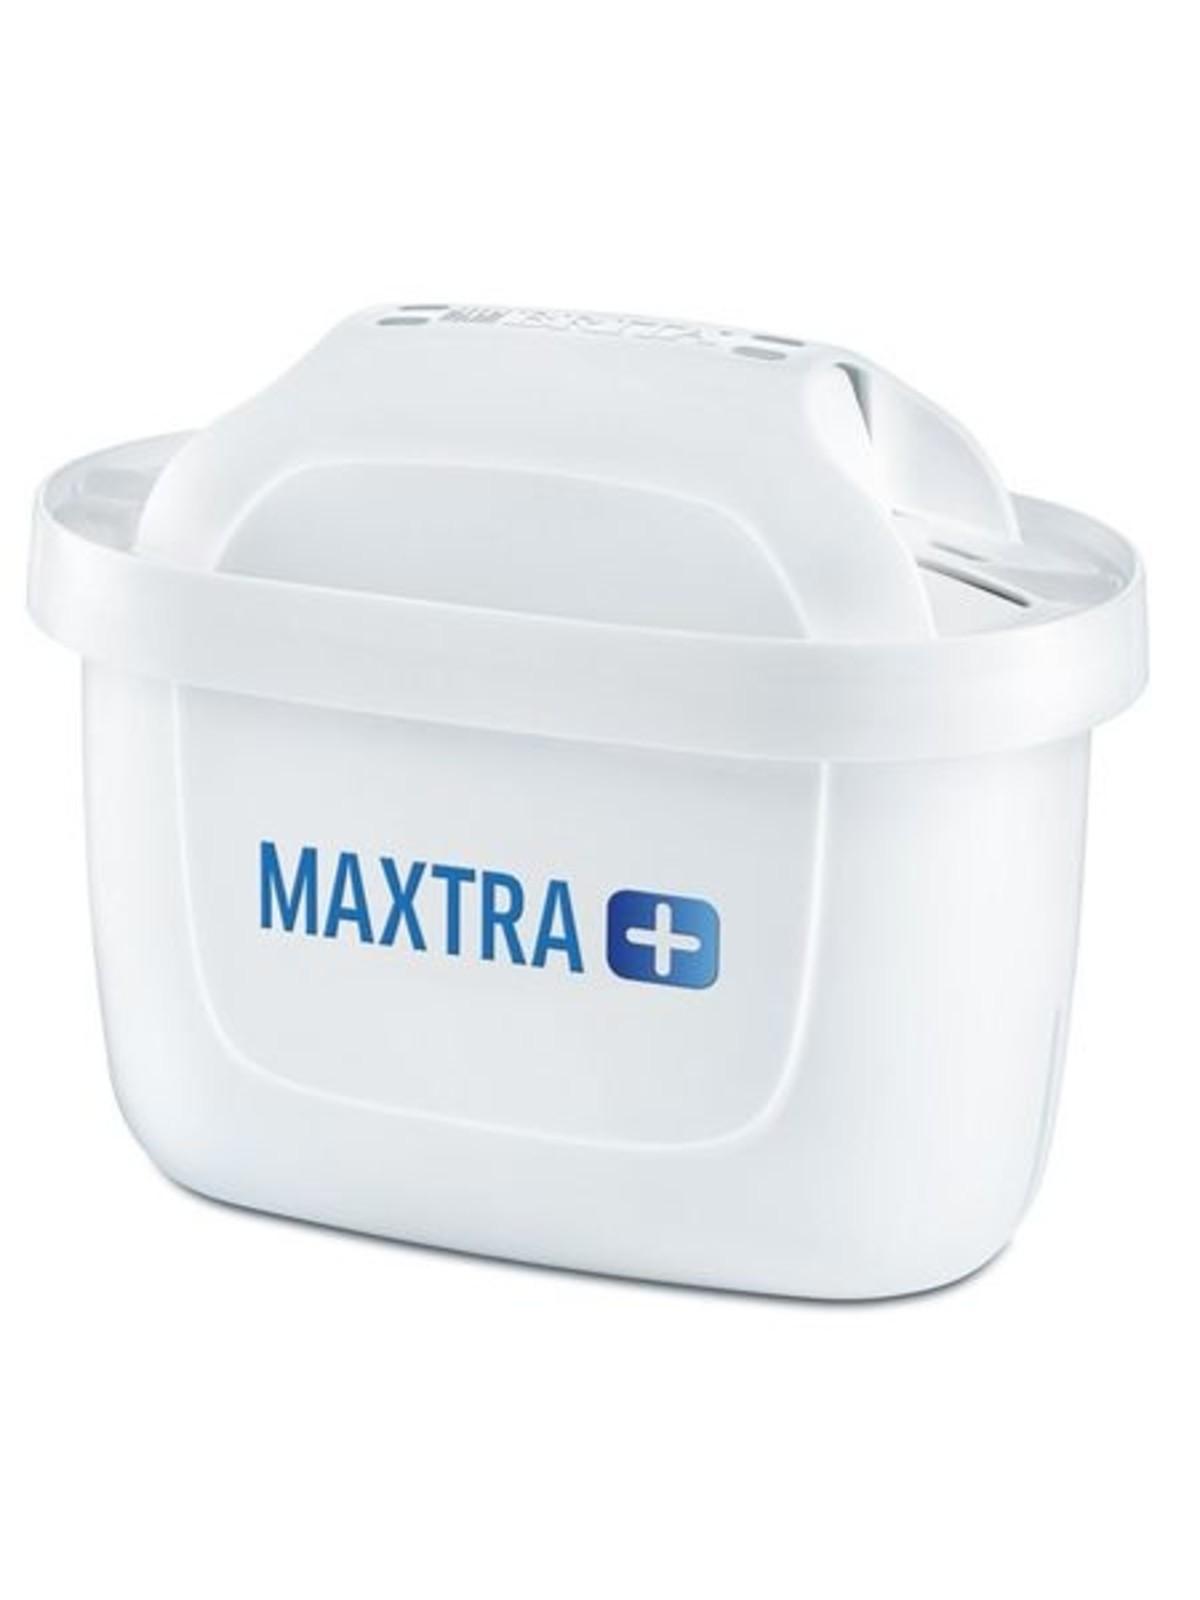 BRITA Maxtra Plus Cartridges 3+1 Pack